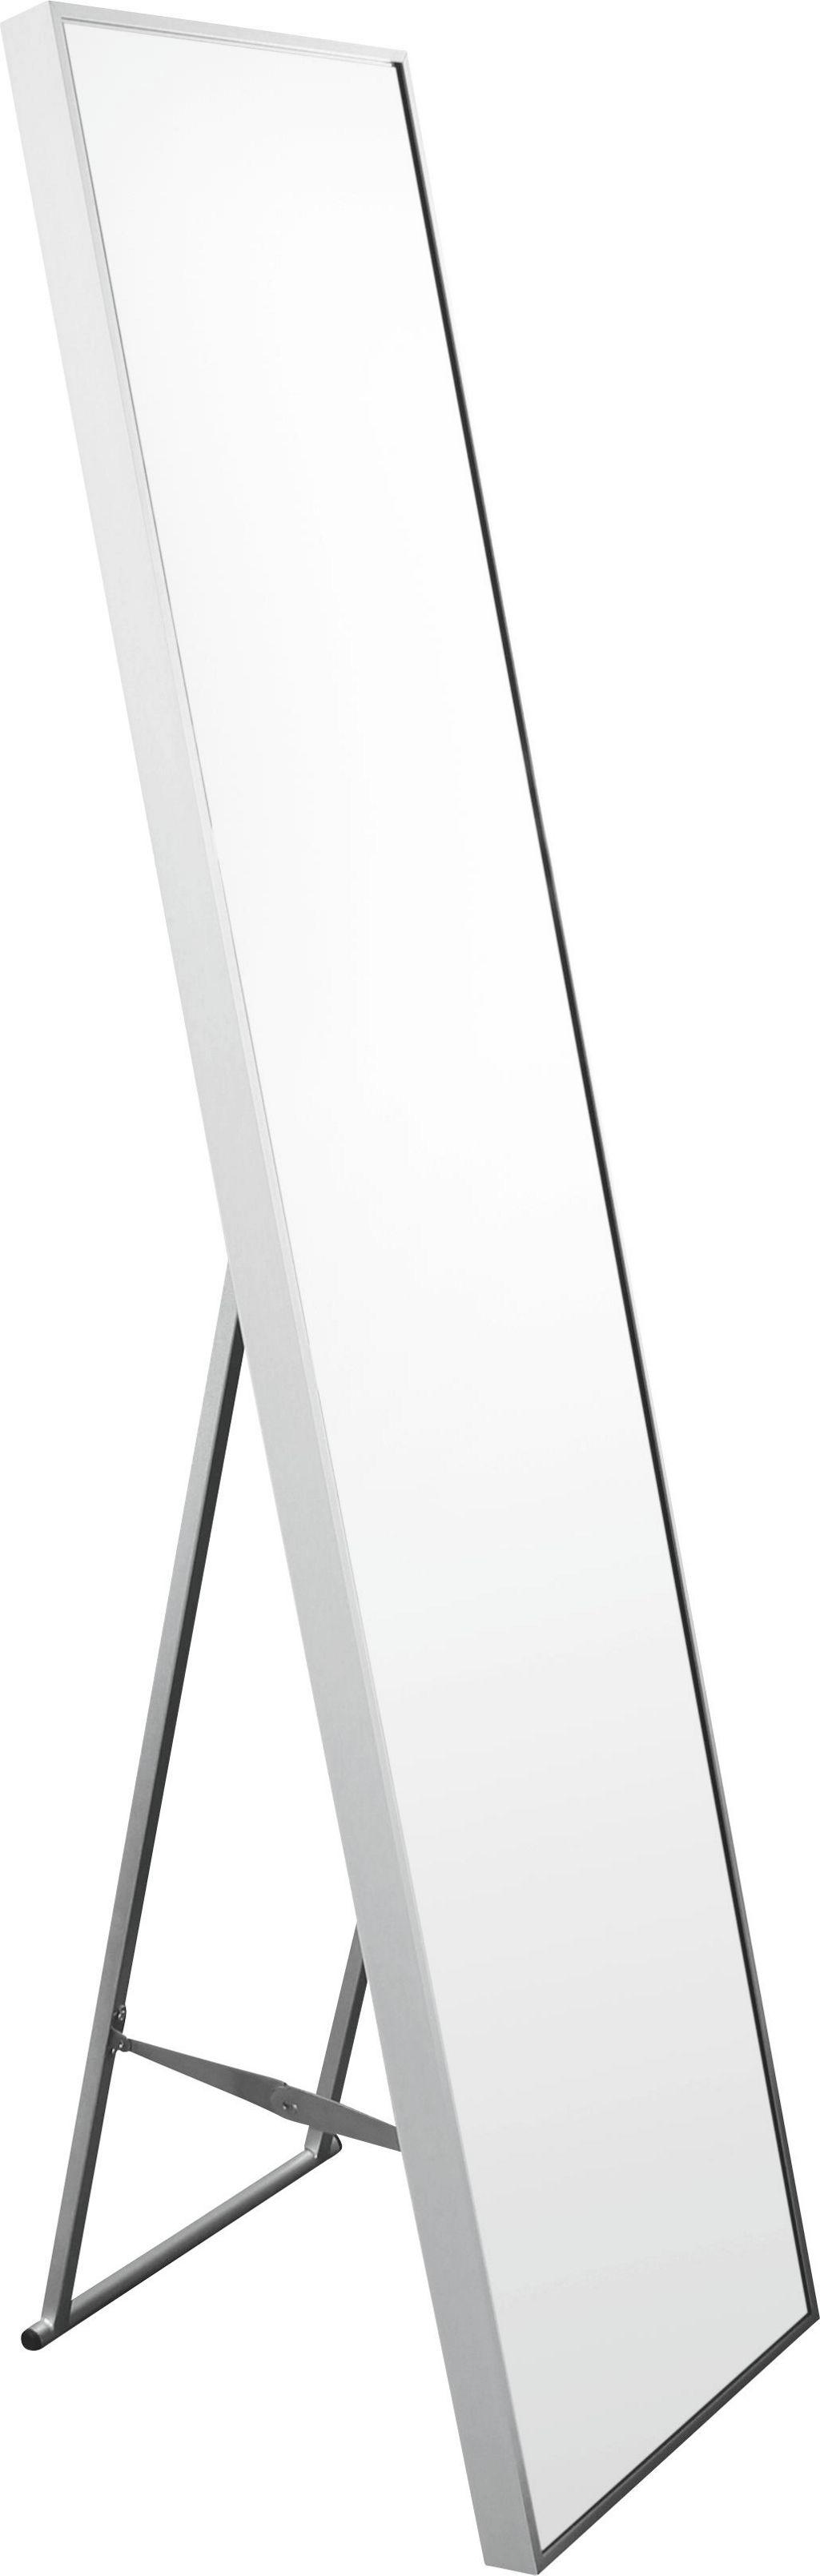 Standspiegel Nanette, Silber, XORA online kaufen  Möbel